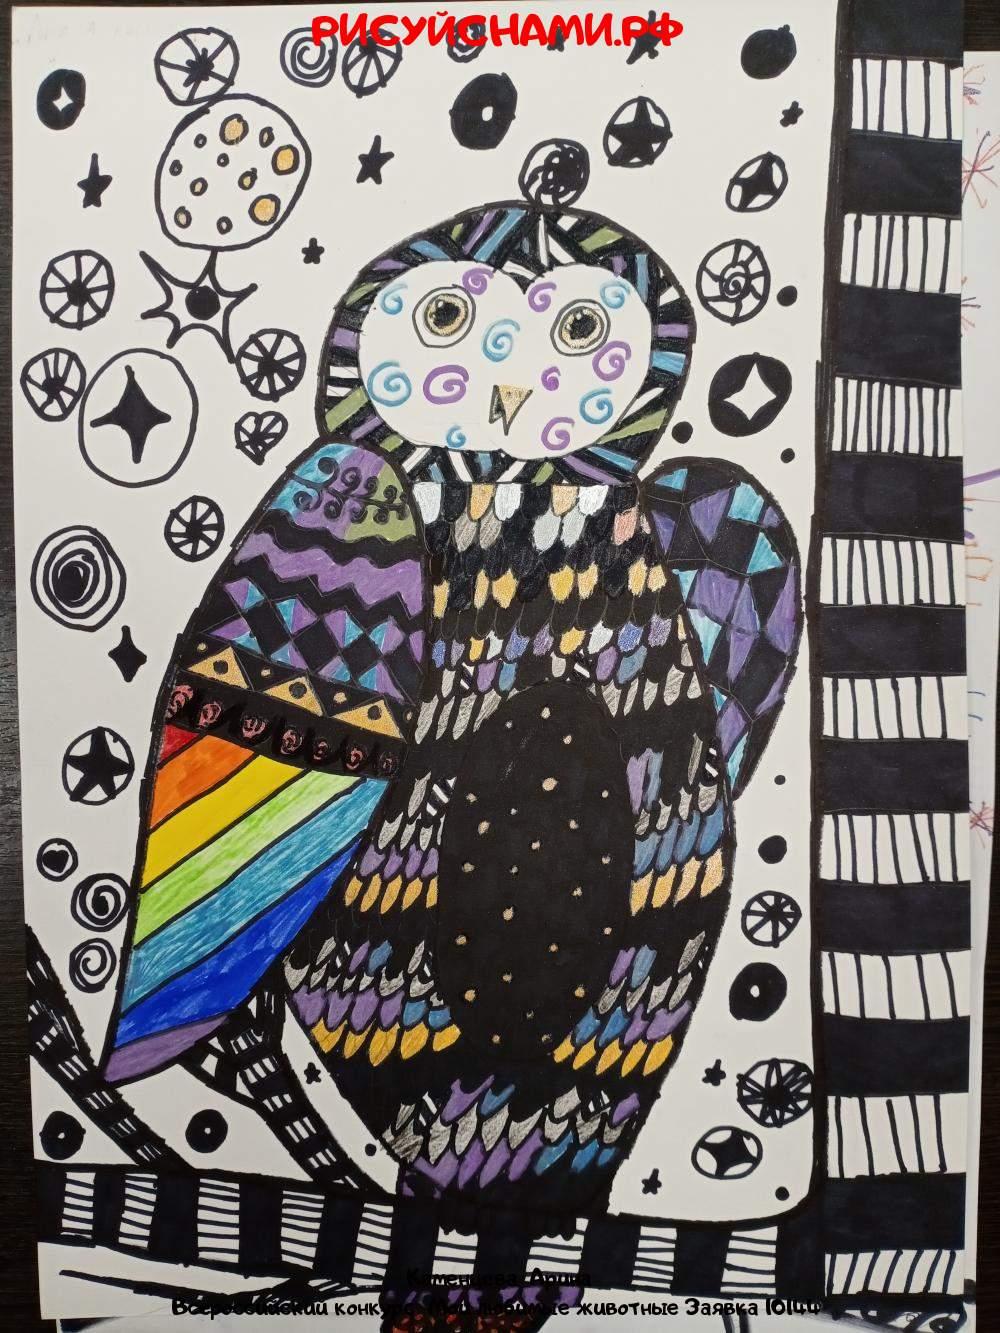 Всероссийский конкурс  Мои любимые животные Заявка 10144  творческие конкурсы рисунков для школьников и дошкольников рисуй с нами #тмрисуйснами рисунок и поделка - Каменцева  Арина